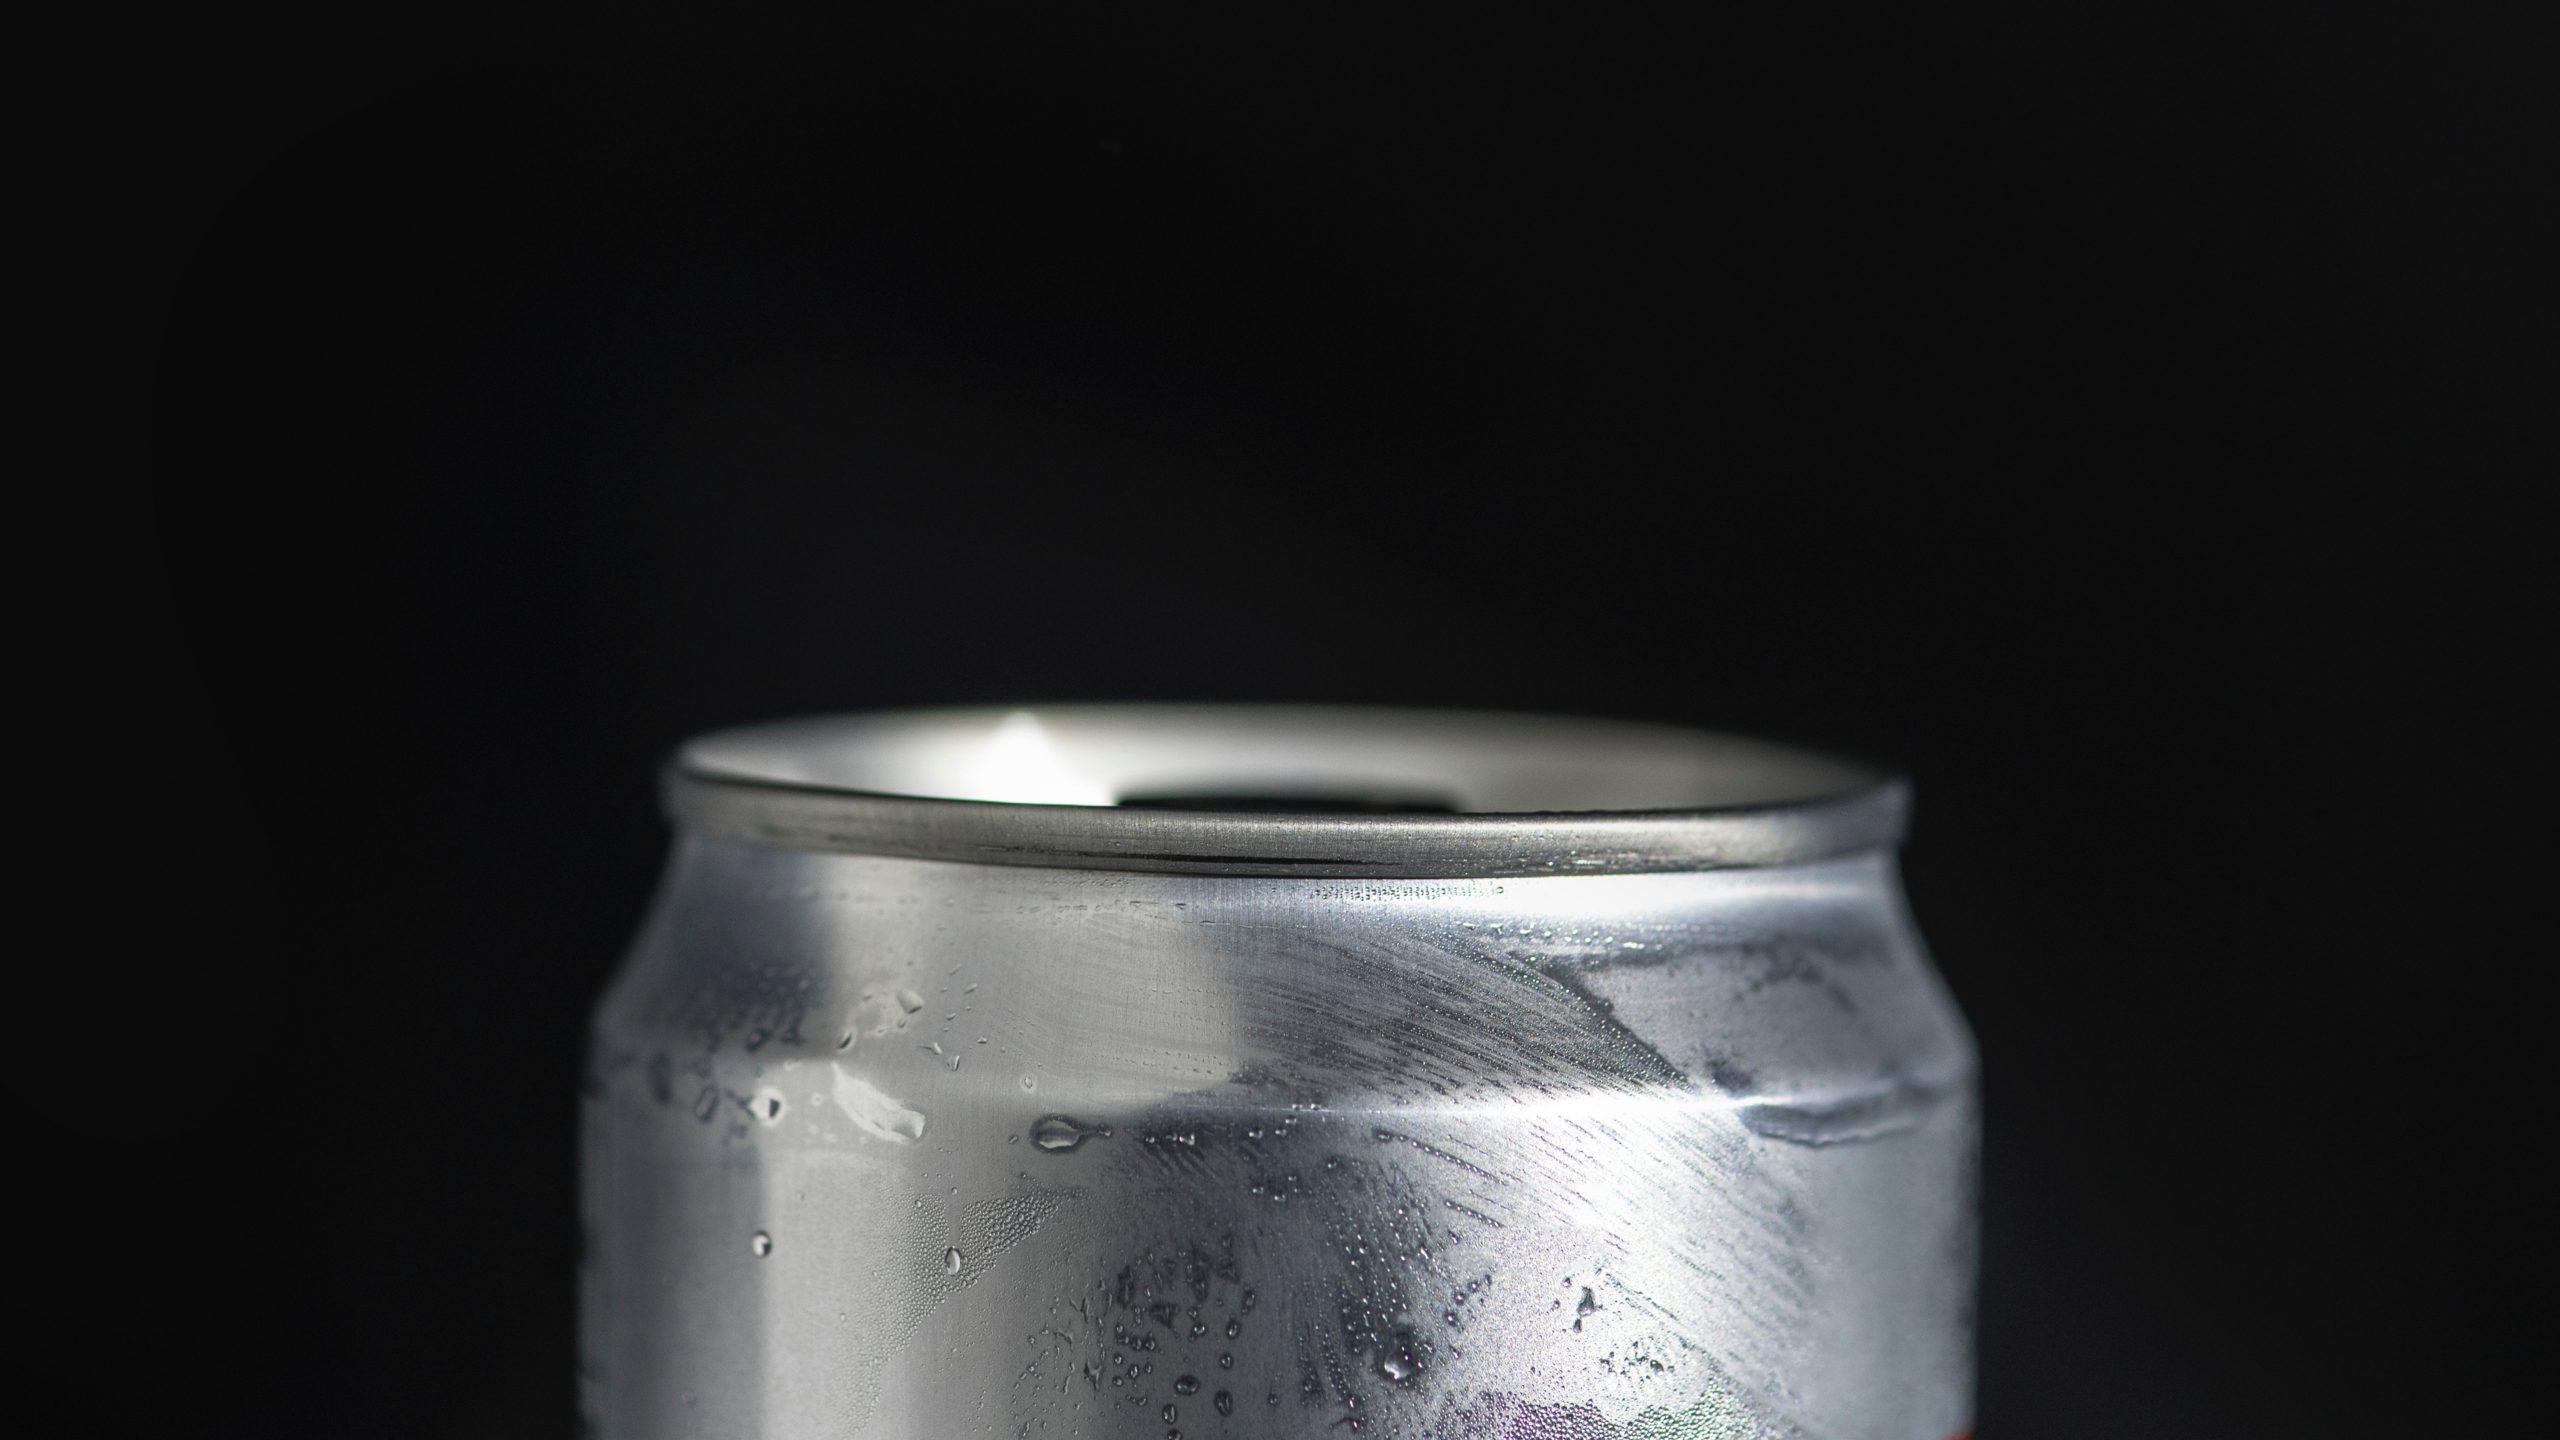 กรมสรรพสามิต รีดภาษี เบียร์ 0% เบียร์ไร้แอลกอฮอล์